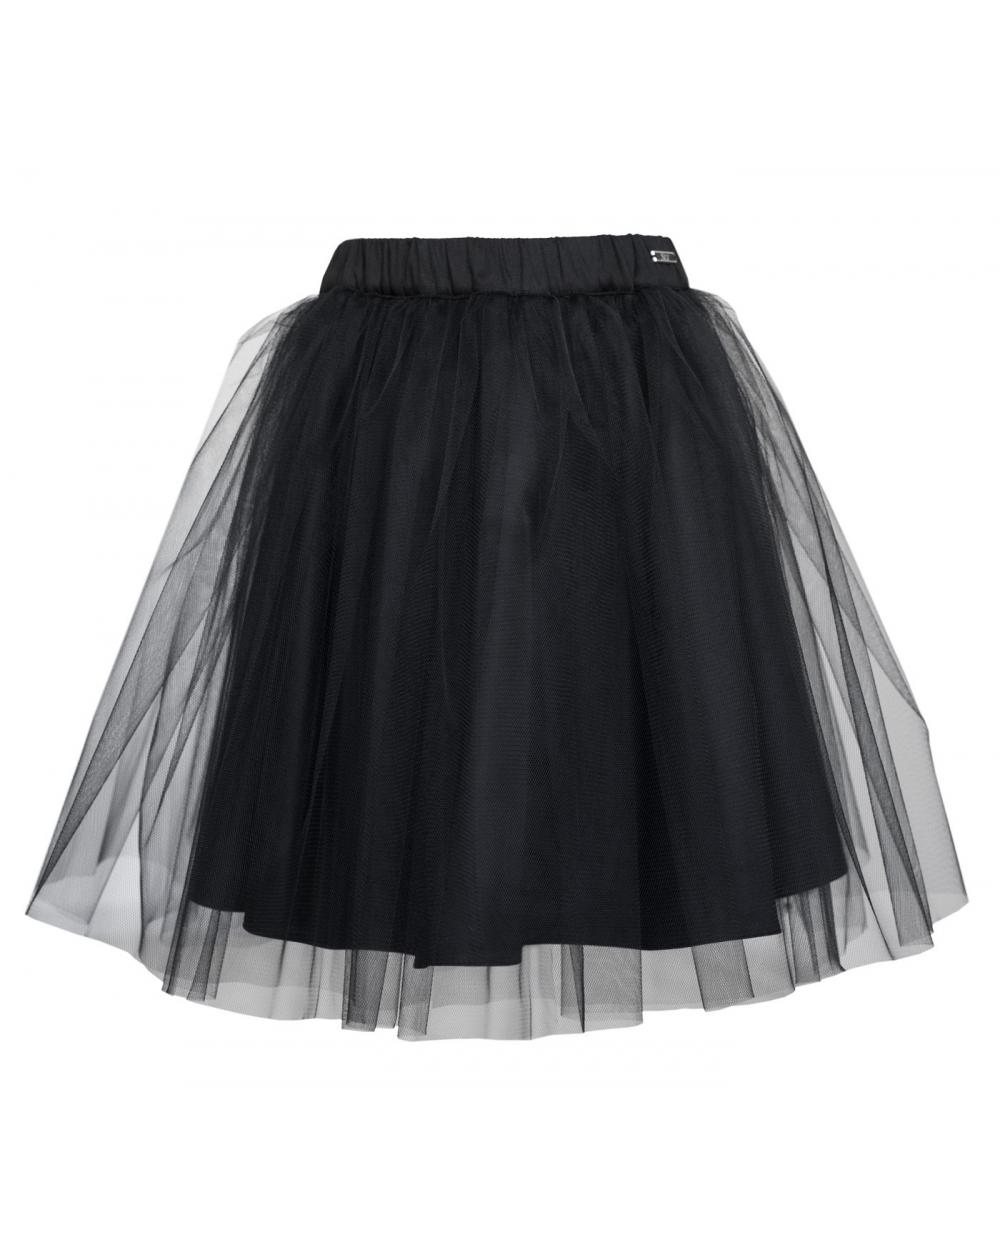 a0e0a9d69bf3 Dłuższa spódnica tiulowa 128-164 306 S czarna